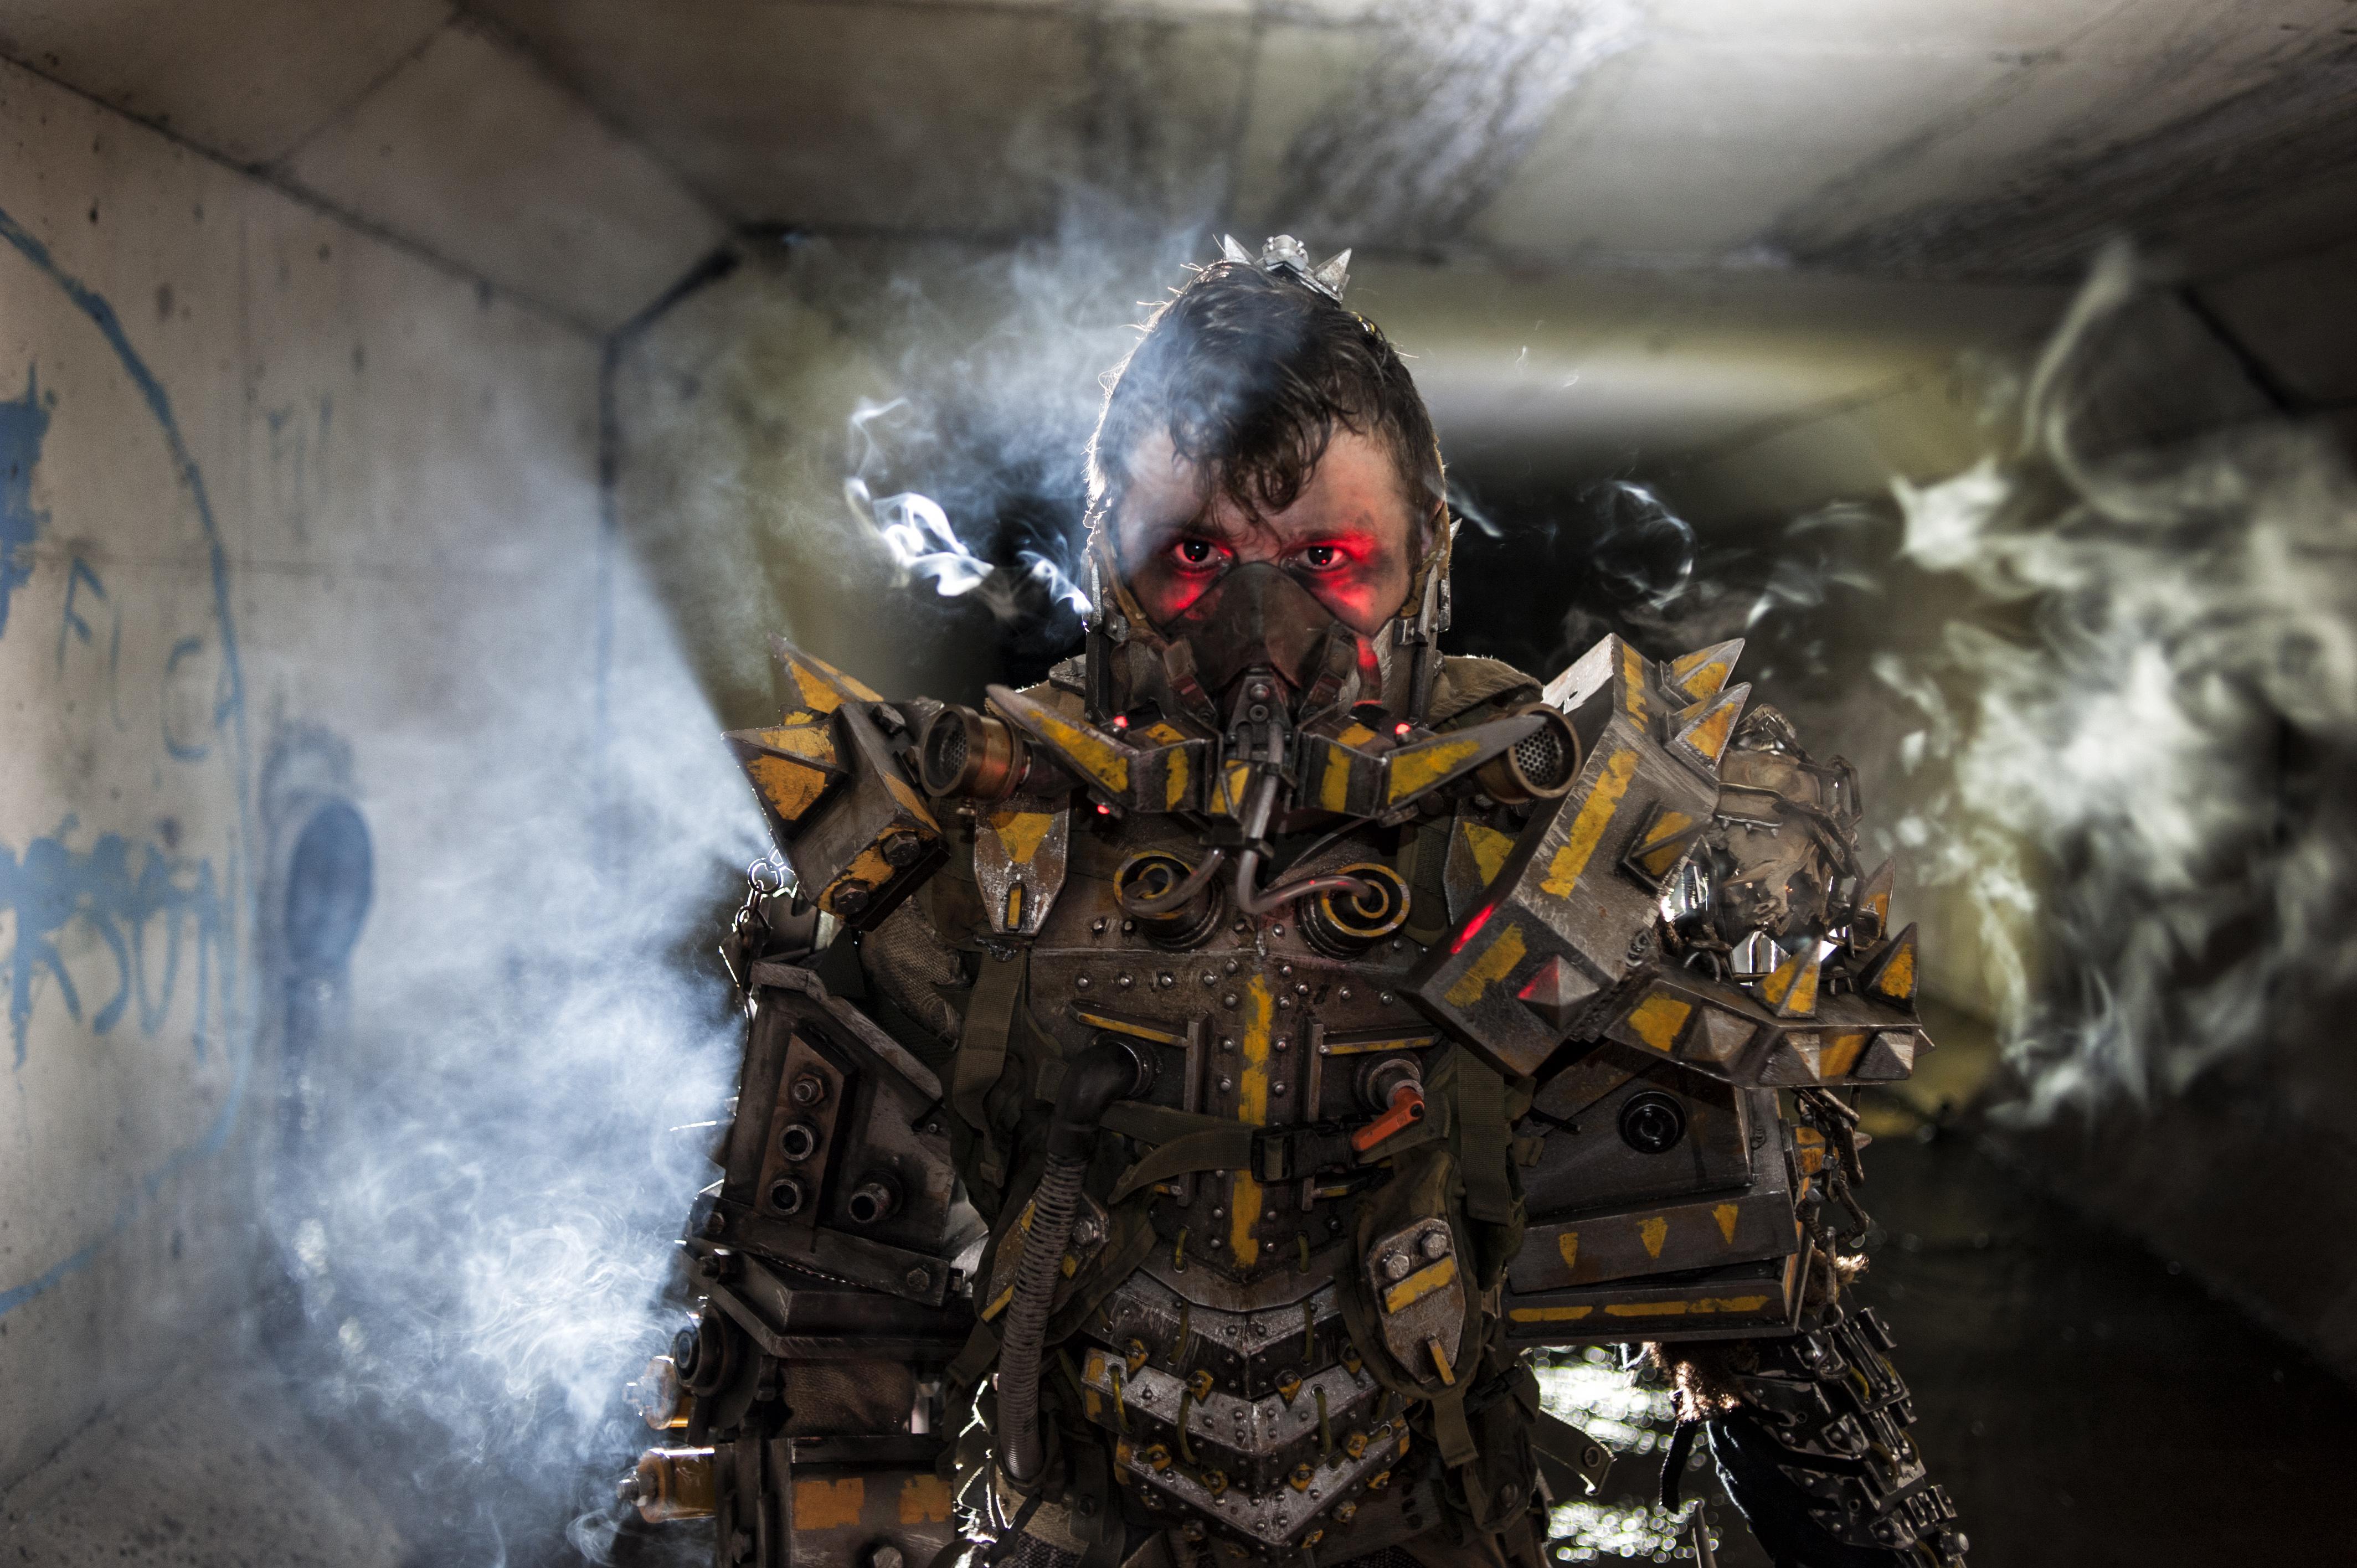 Fallout wasteland raider cosplay